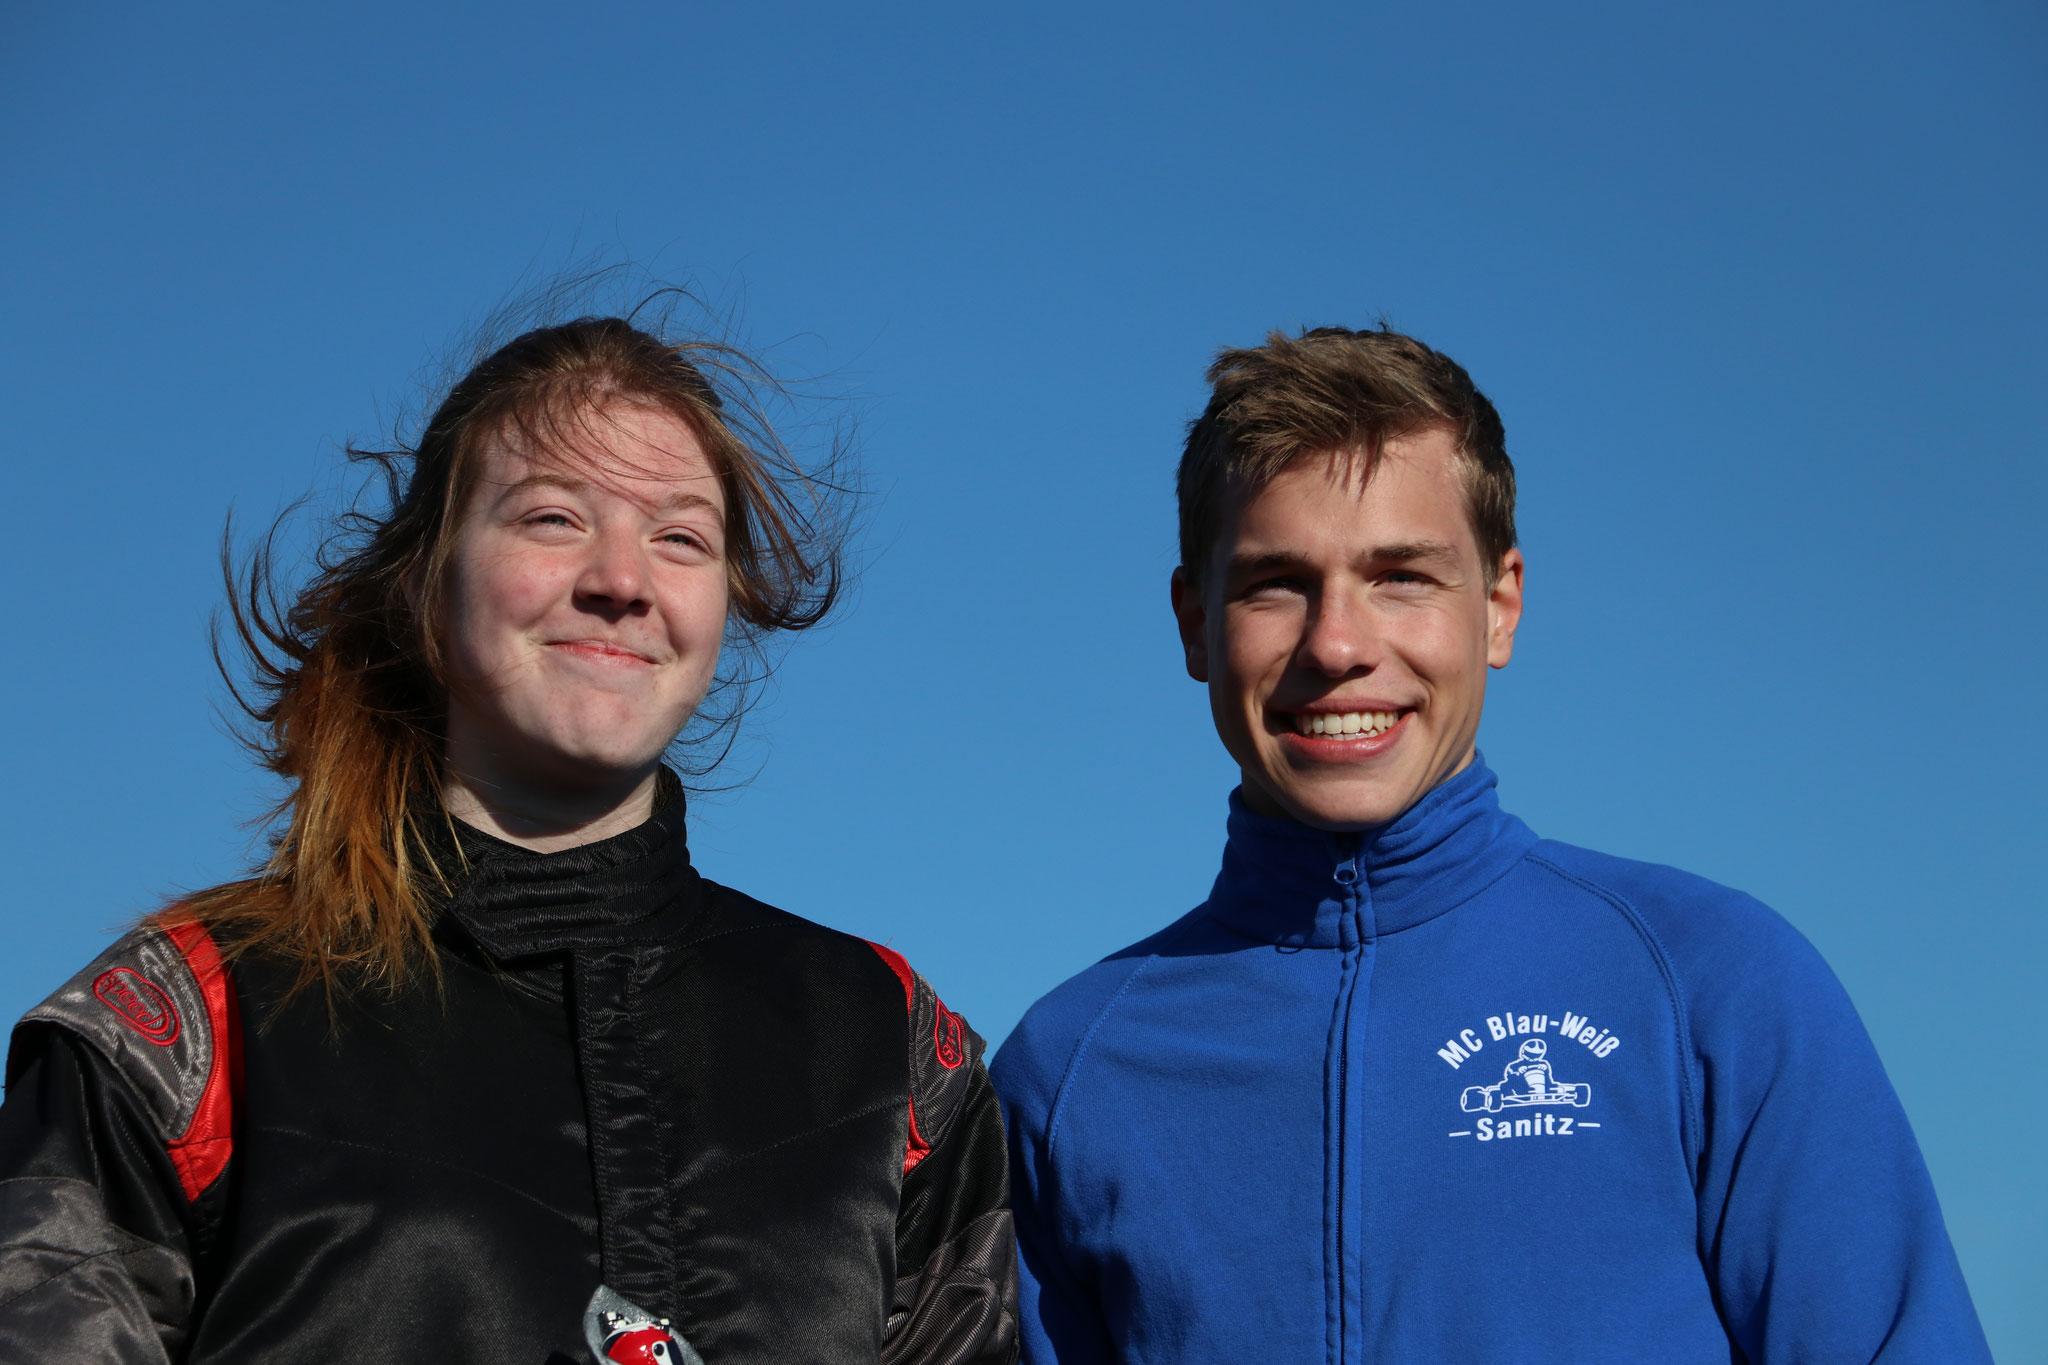 Die beiden Tagesschnellsten Meik-Leon Strohecker (MC Blau-Weiß Sanitz) und Janica Schlüer